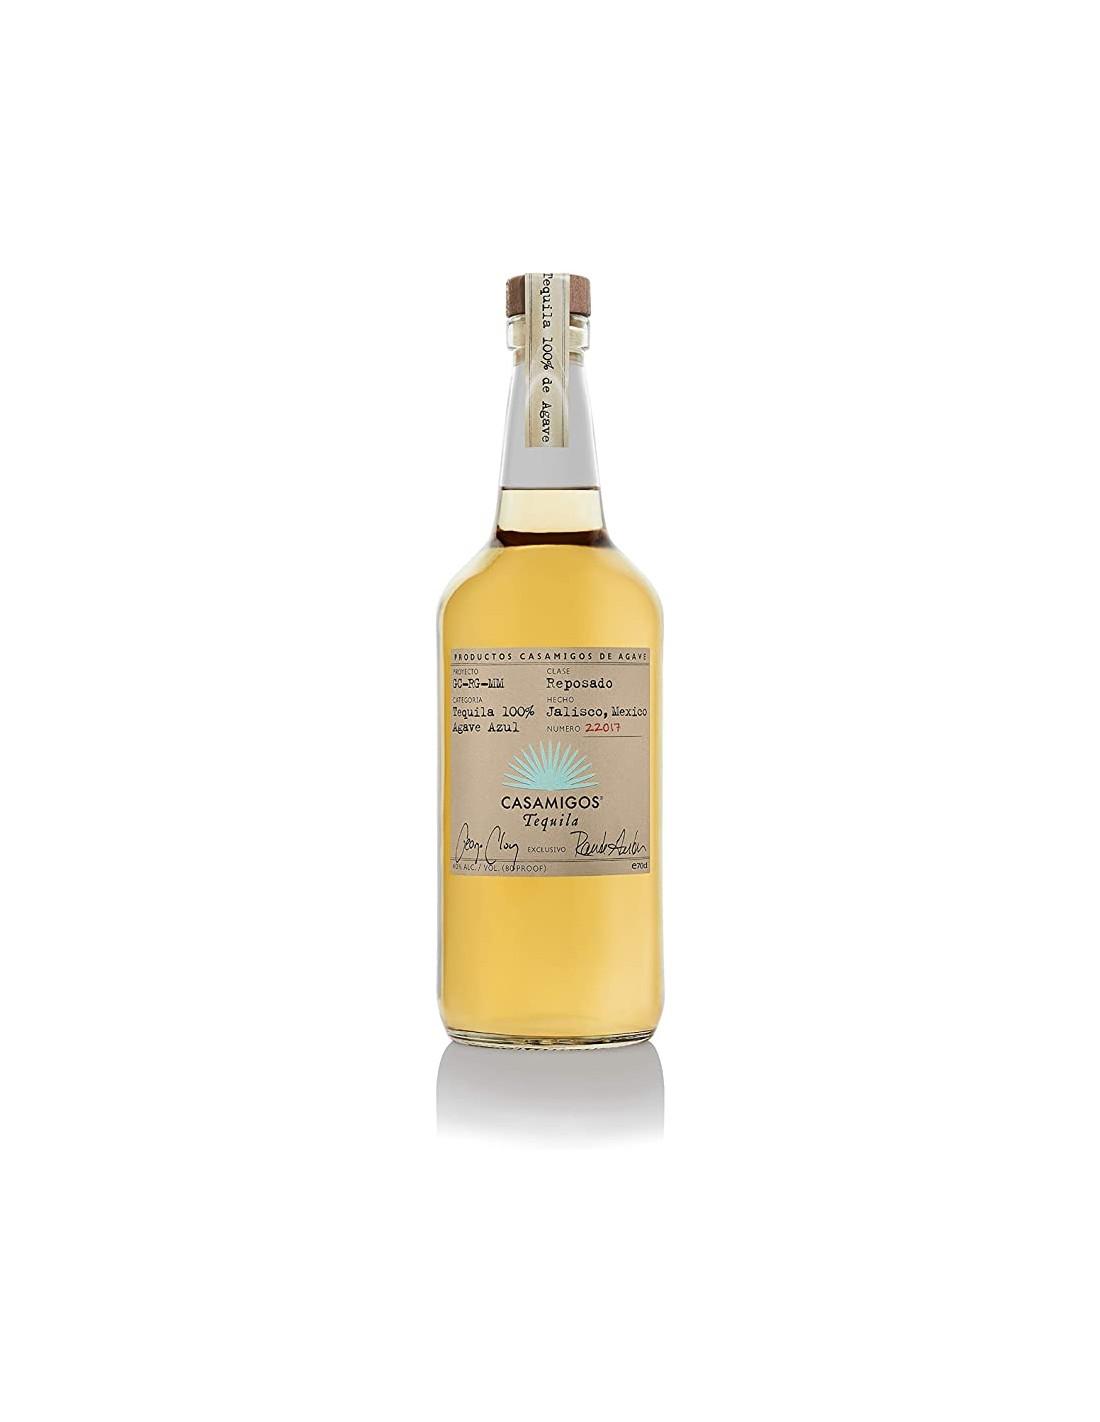 Tequila Casamigos Reposado, 40% alc., 0.7L, Mexic